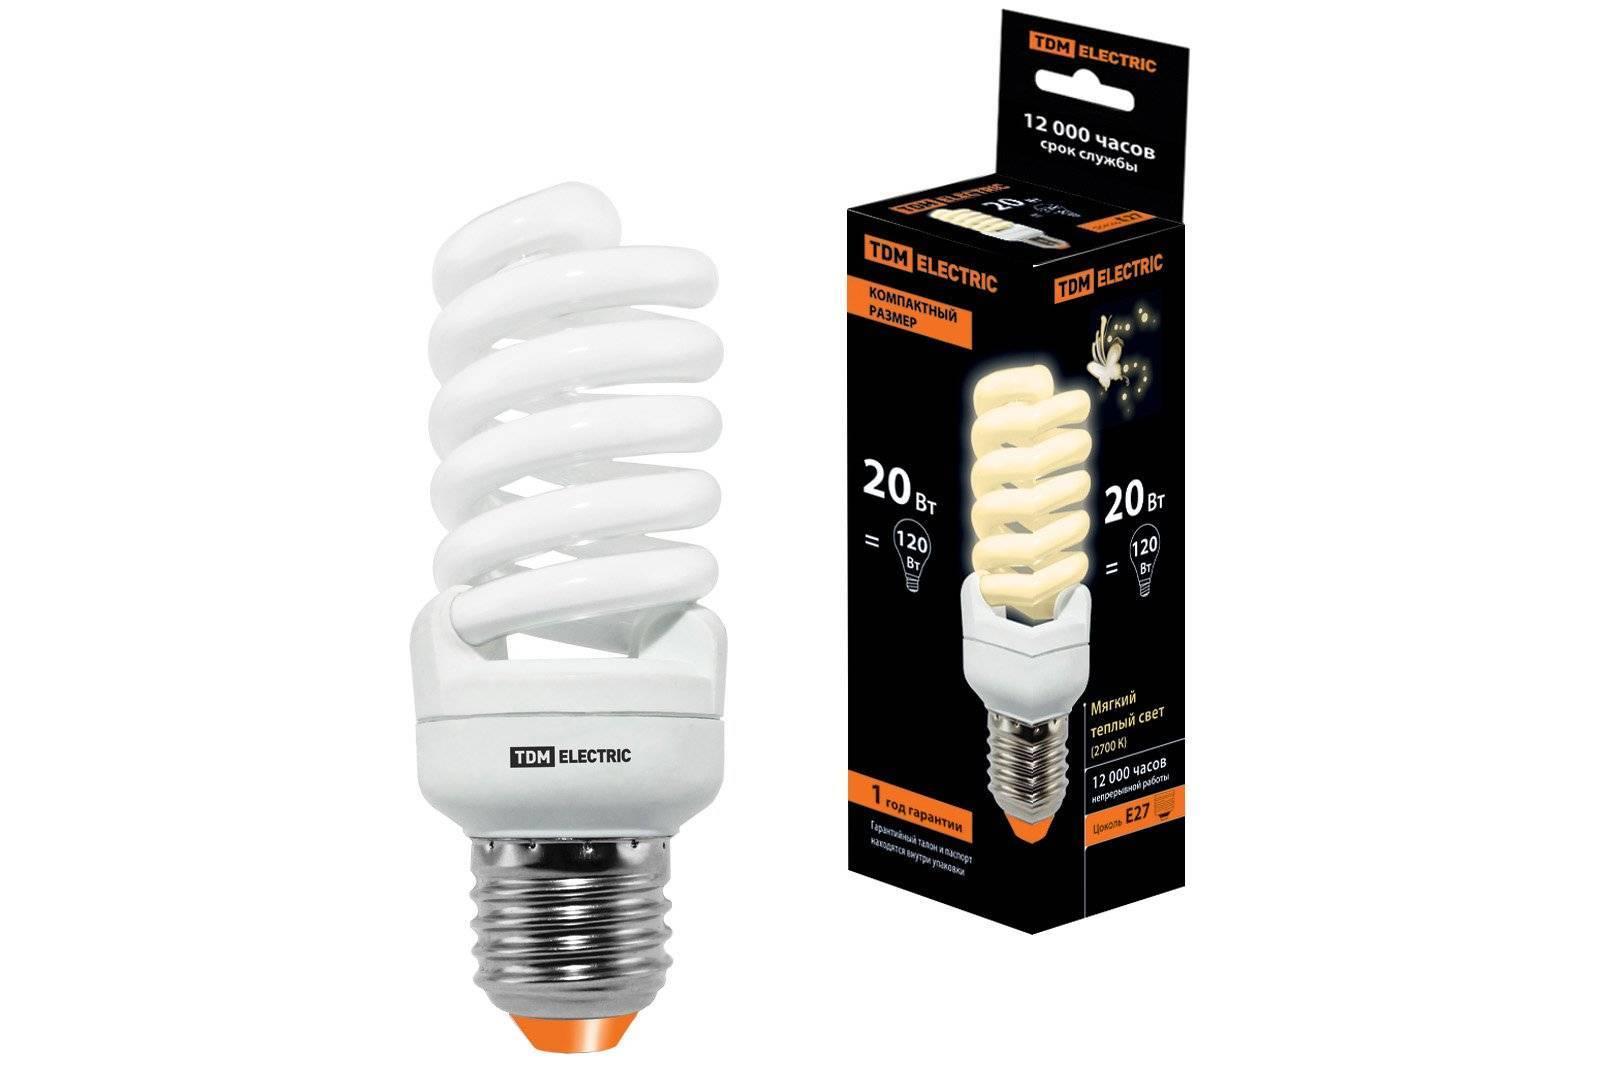 Сравнение светодиодных и люминесцентных ламп: главные отличия